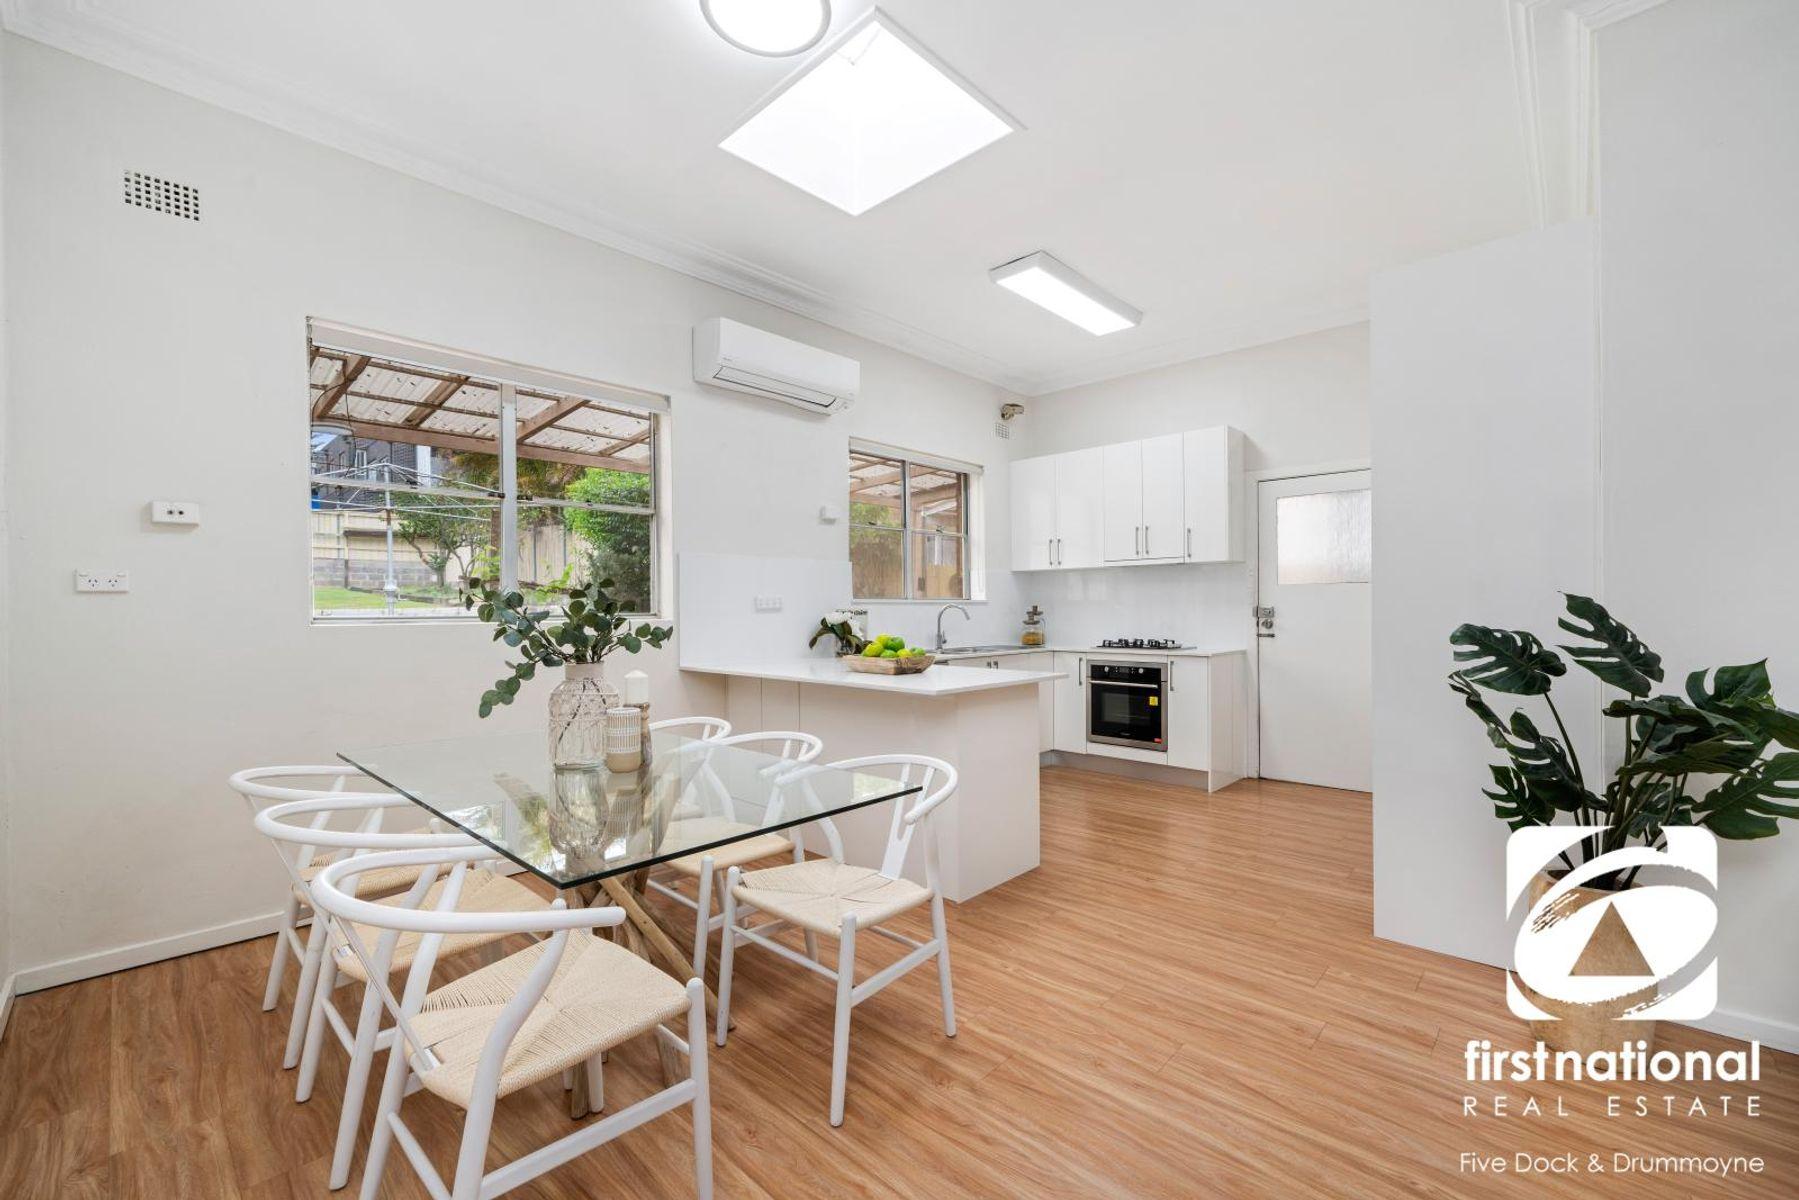 9 Tait Street, Russell Lea, NSW 2046